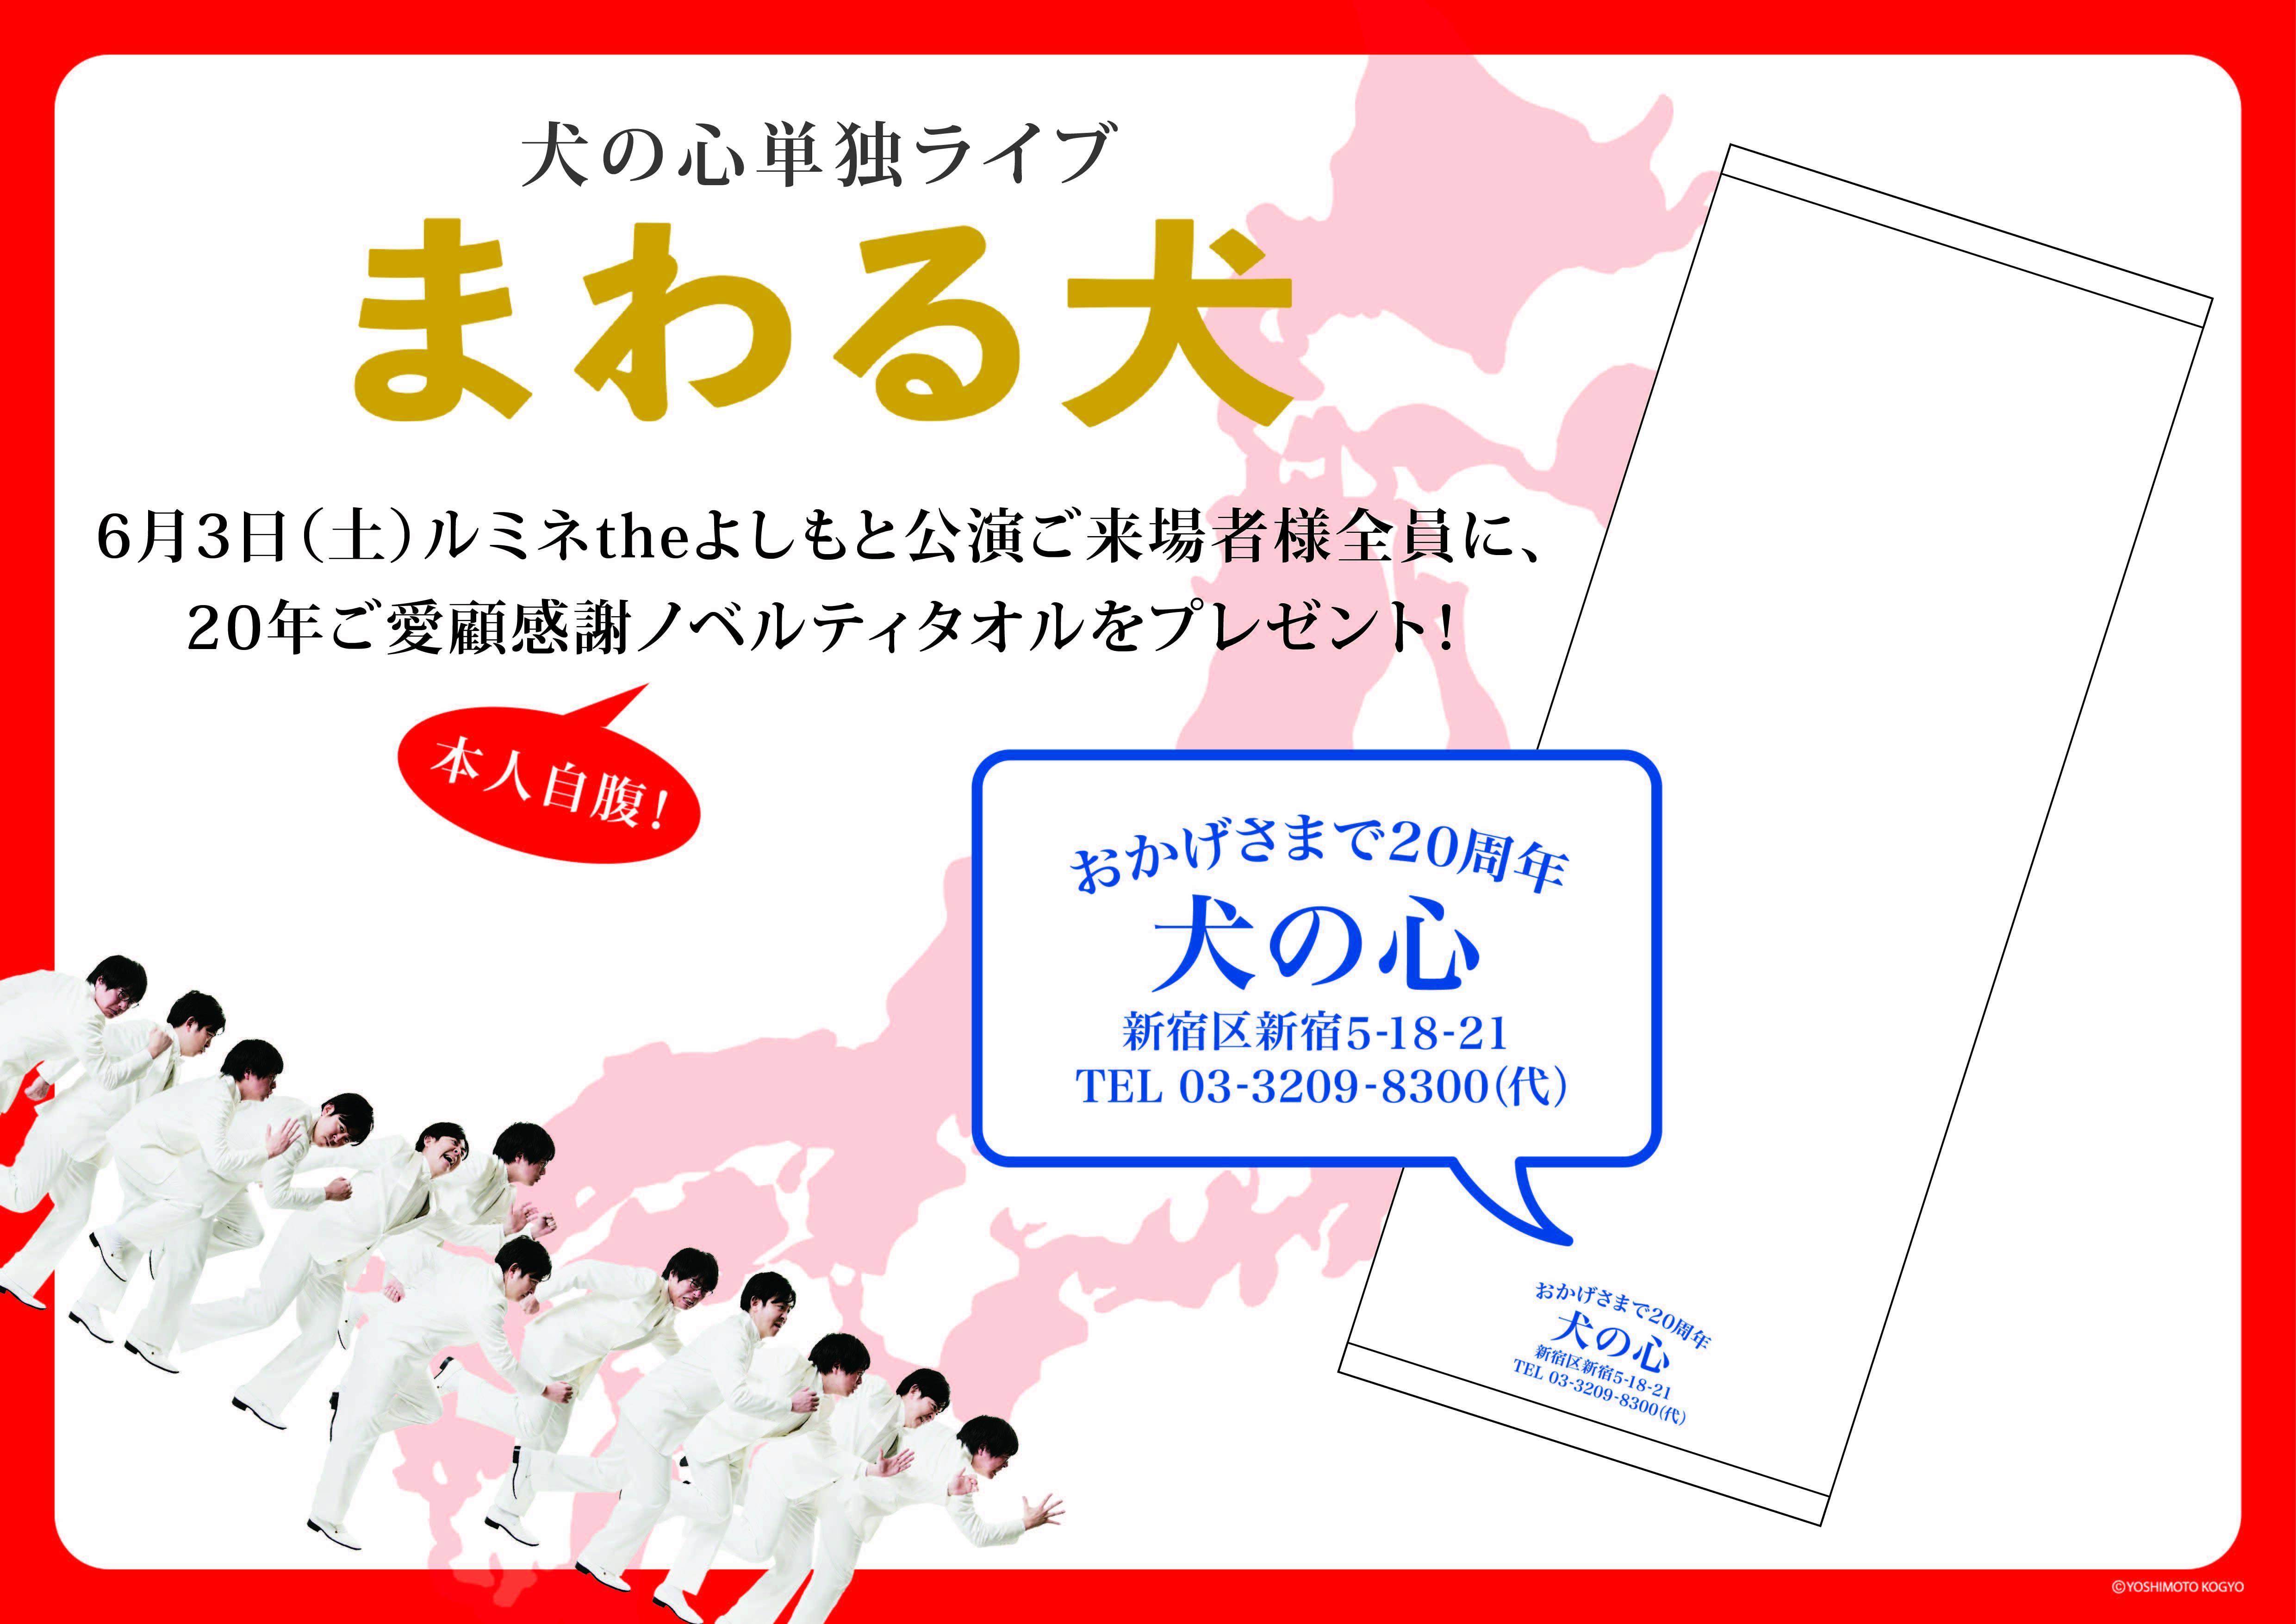 http://news.yoshimoto.co.jp/20170502122603-e2bb76a34c84375f639fa5f2b75d8976ed851117.jpg